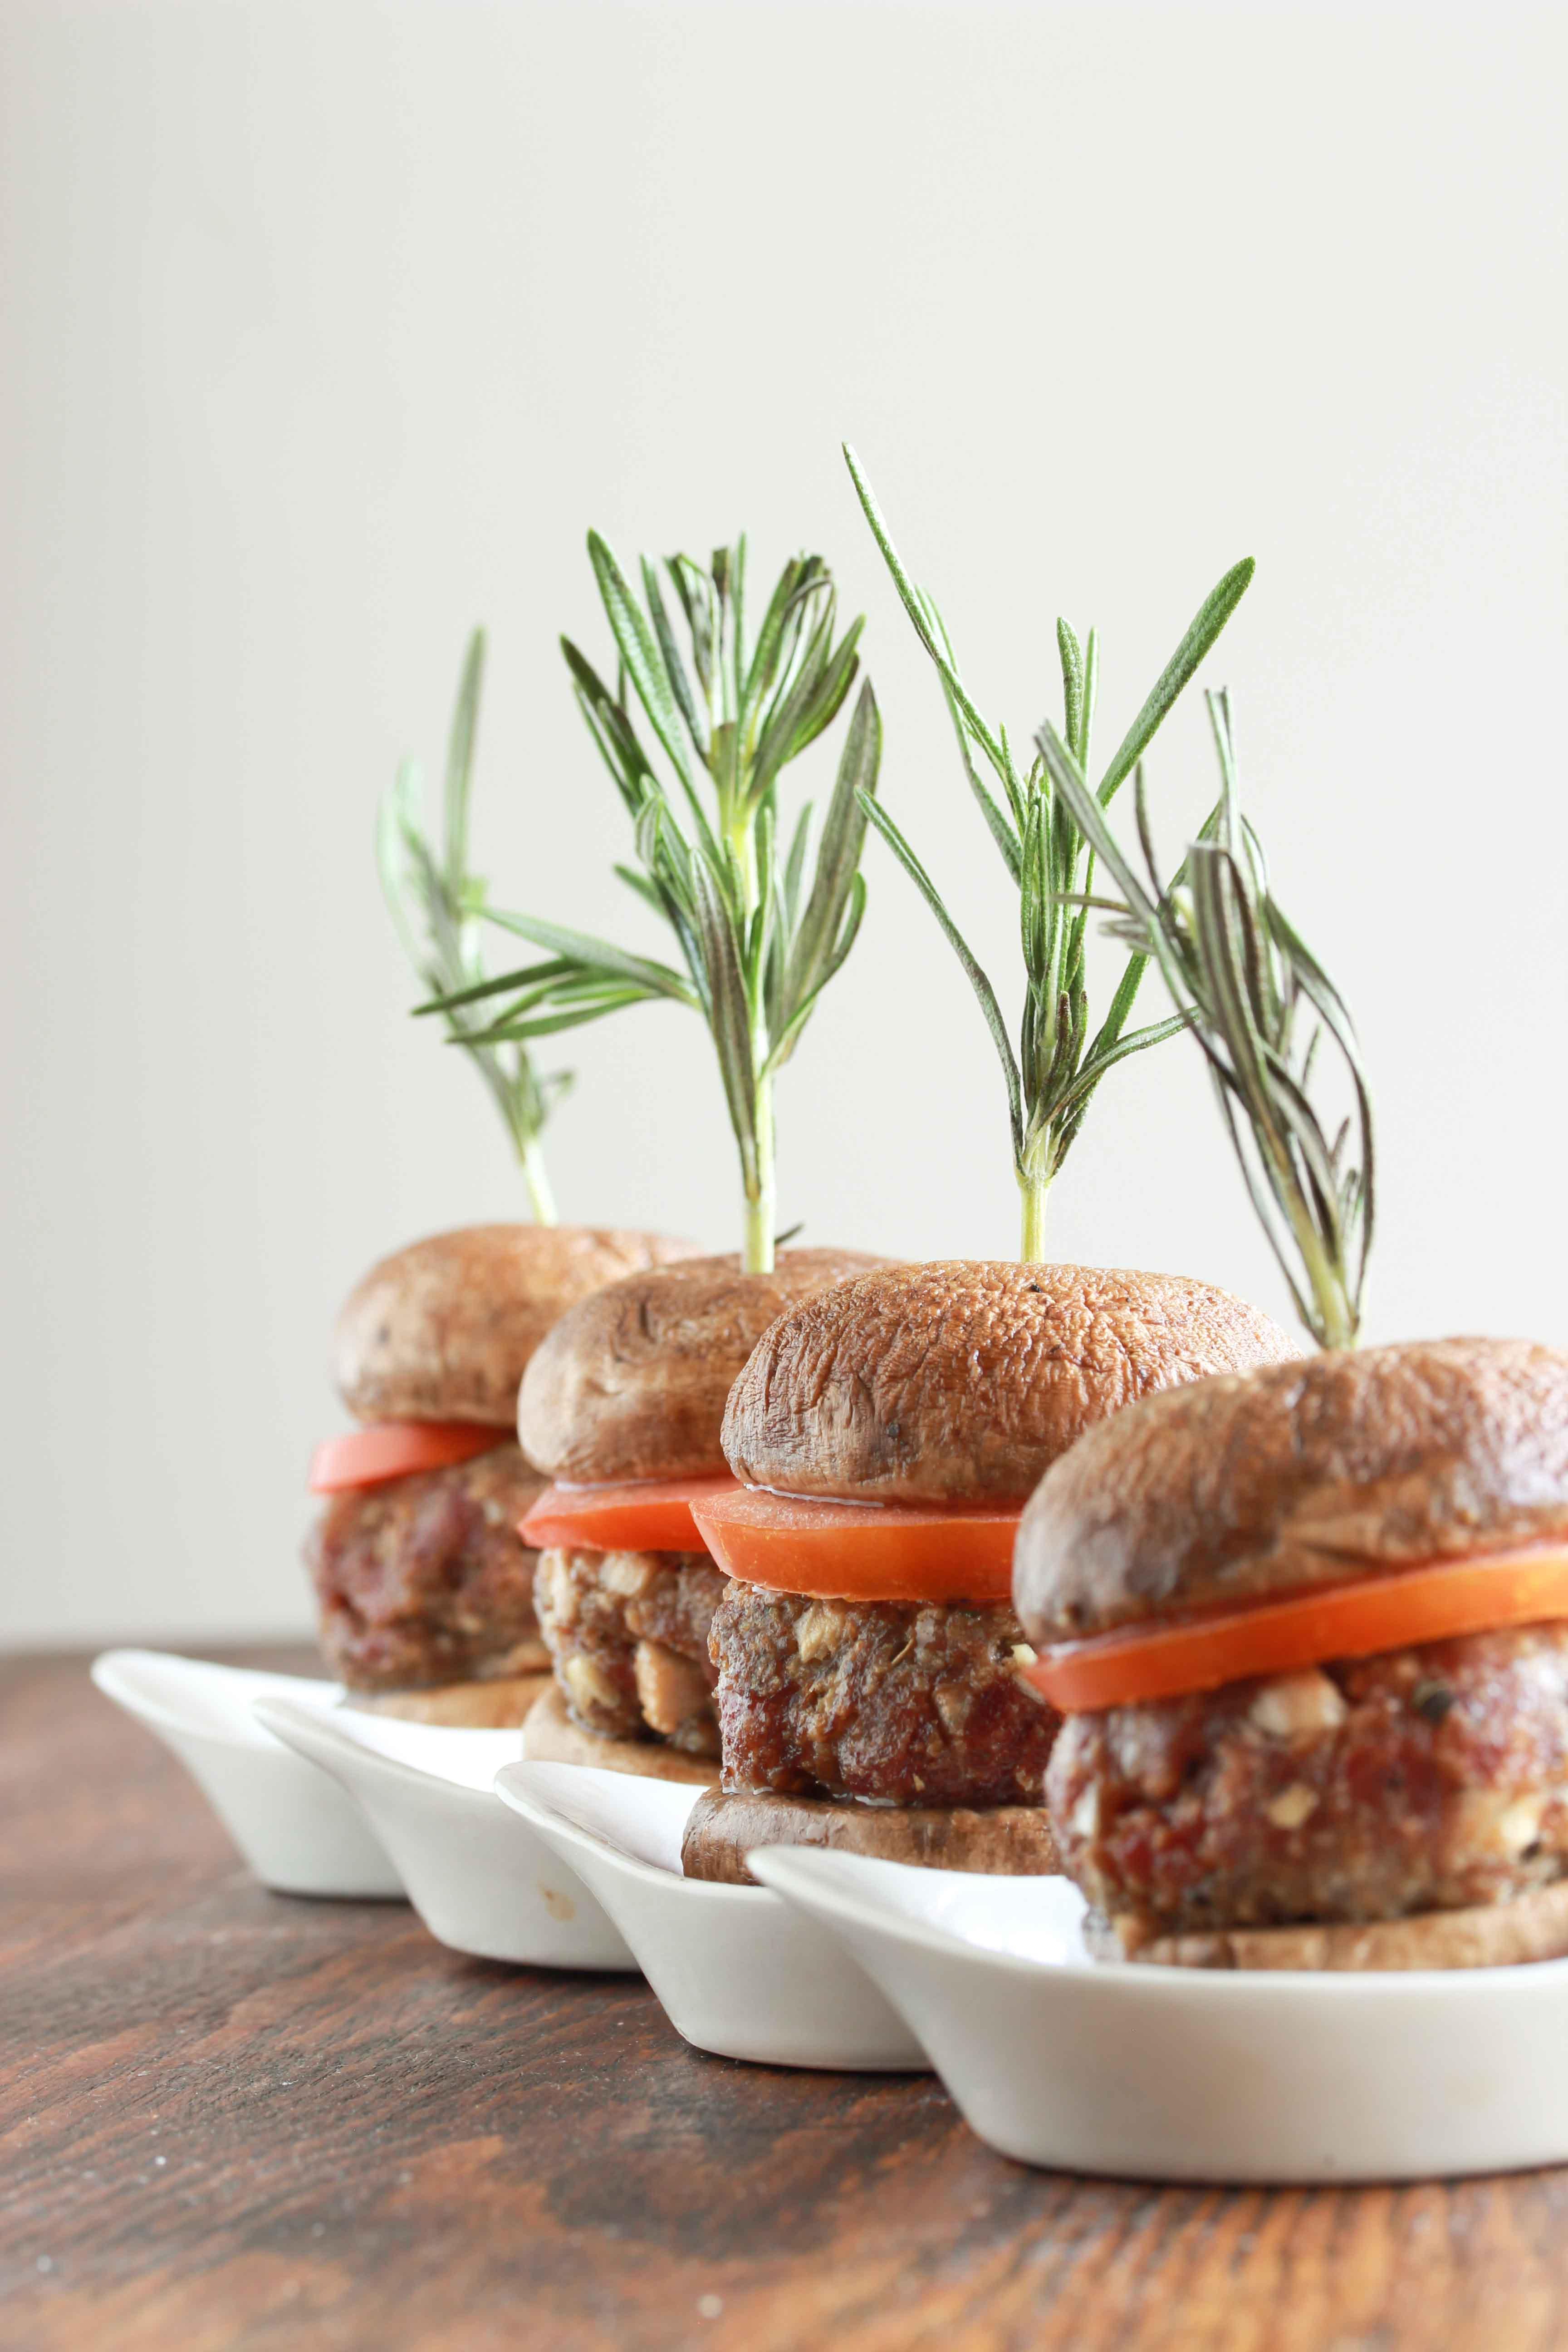 mushroom beef sliders